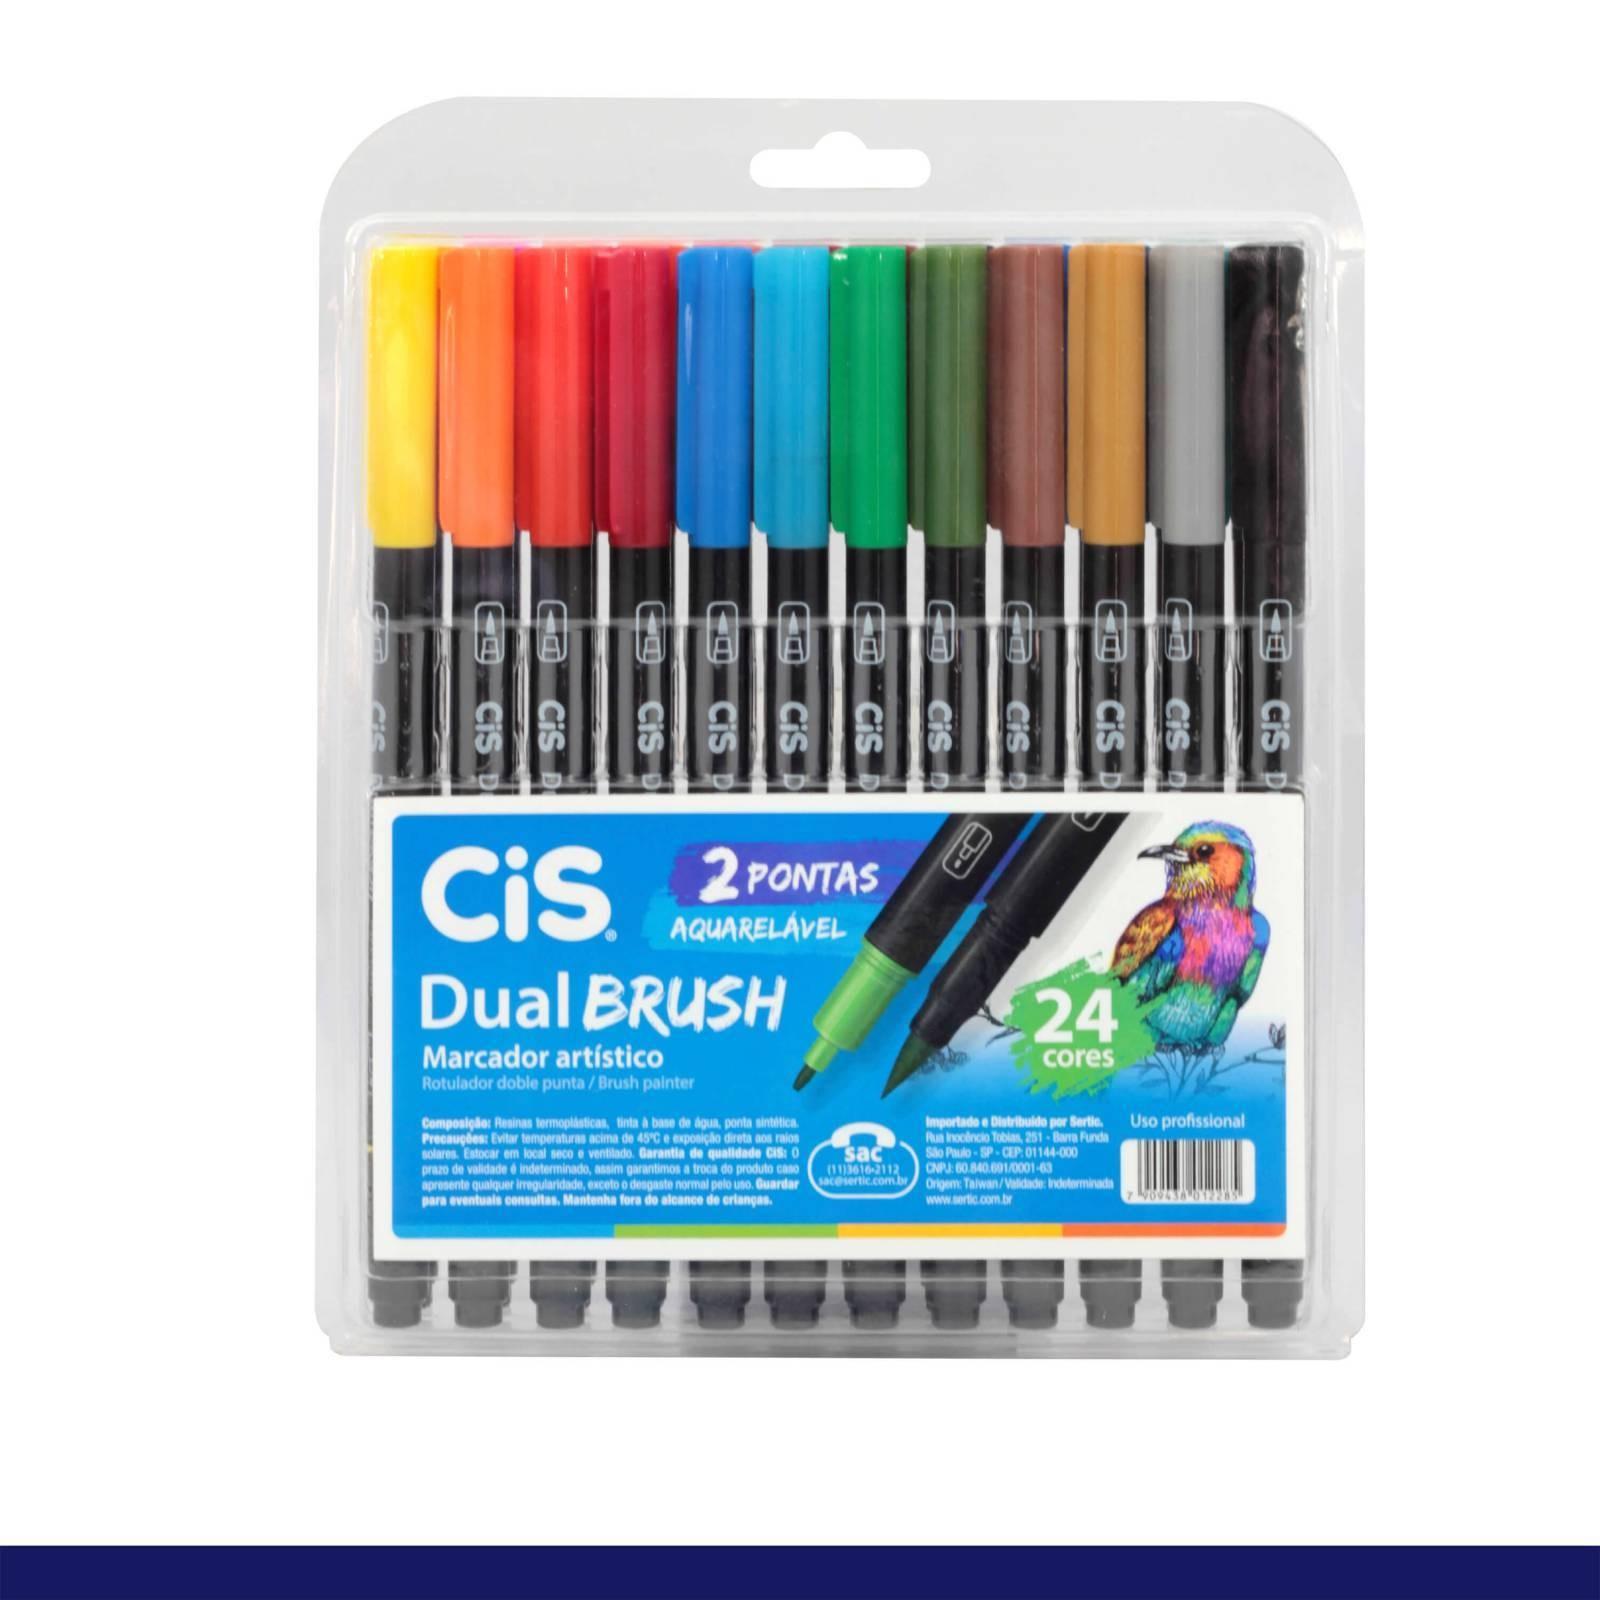 Caneta Dual Brush c/2 Pontas Aquarelavel 24 cores